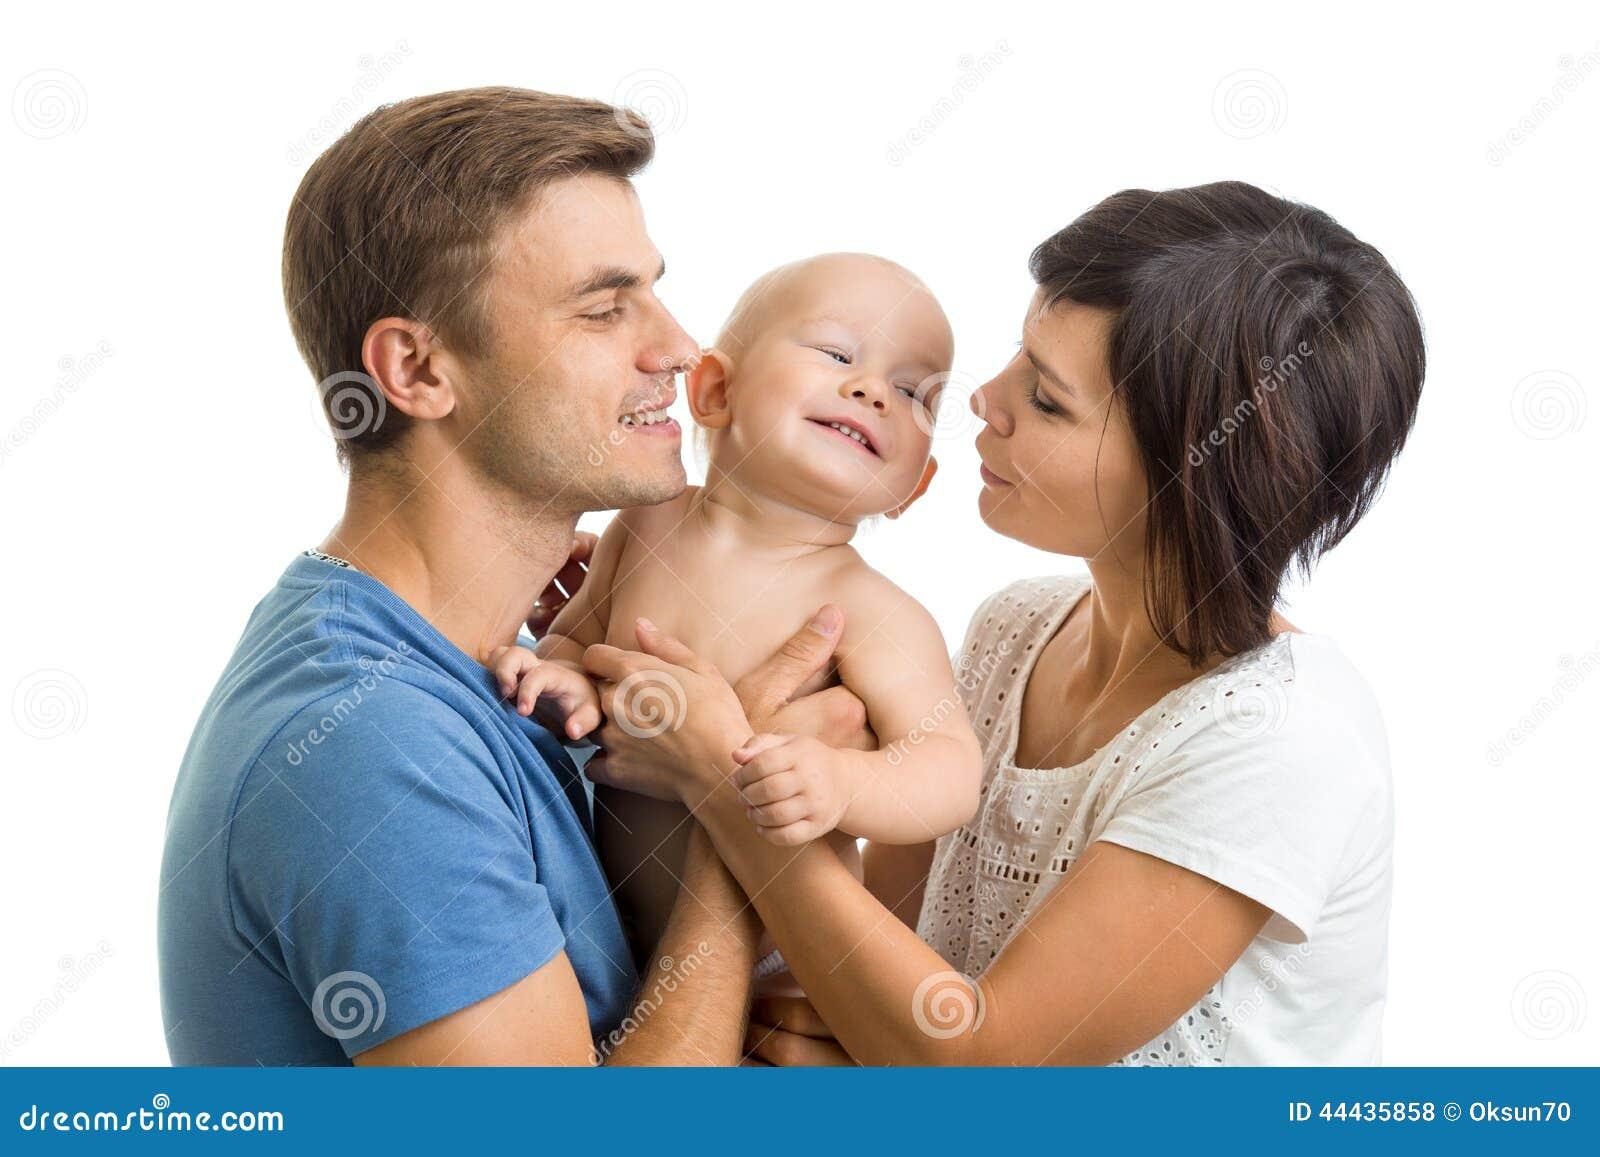 Отец мать ребёнок фото